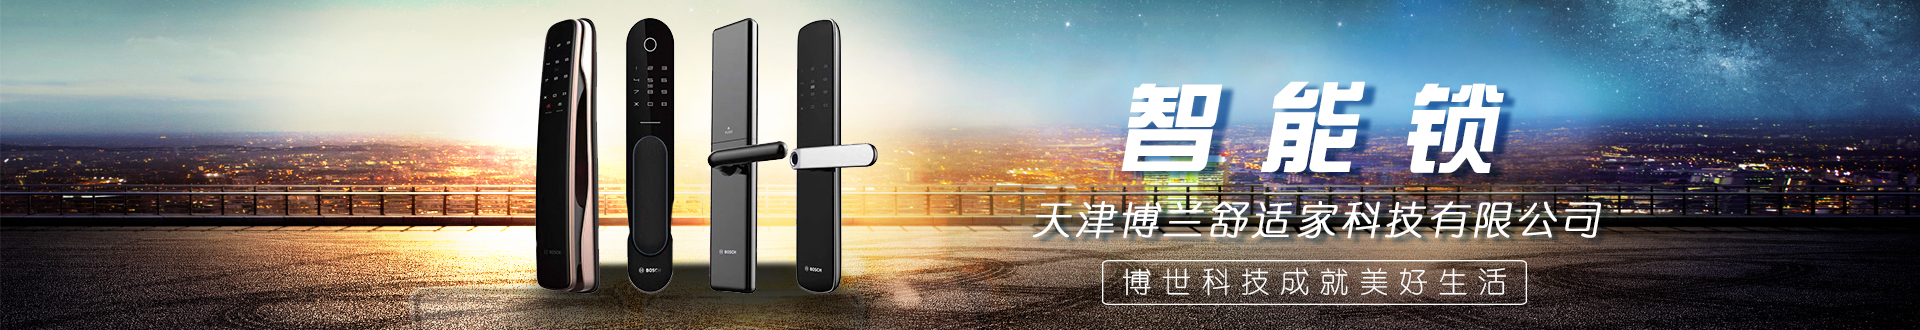 天津博兰舒适家科技有限公司